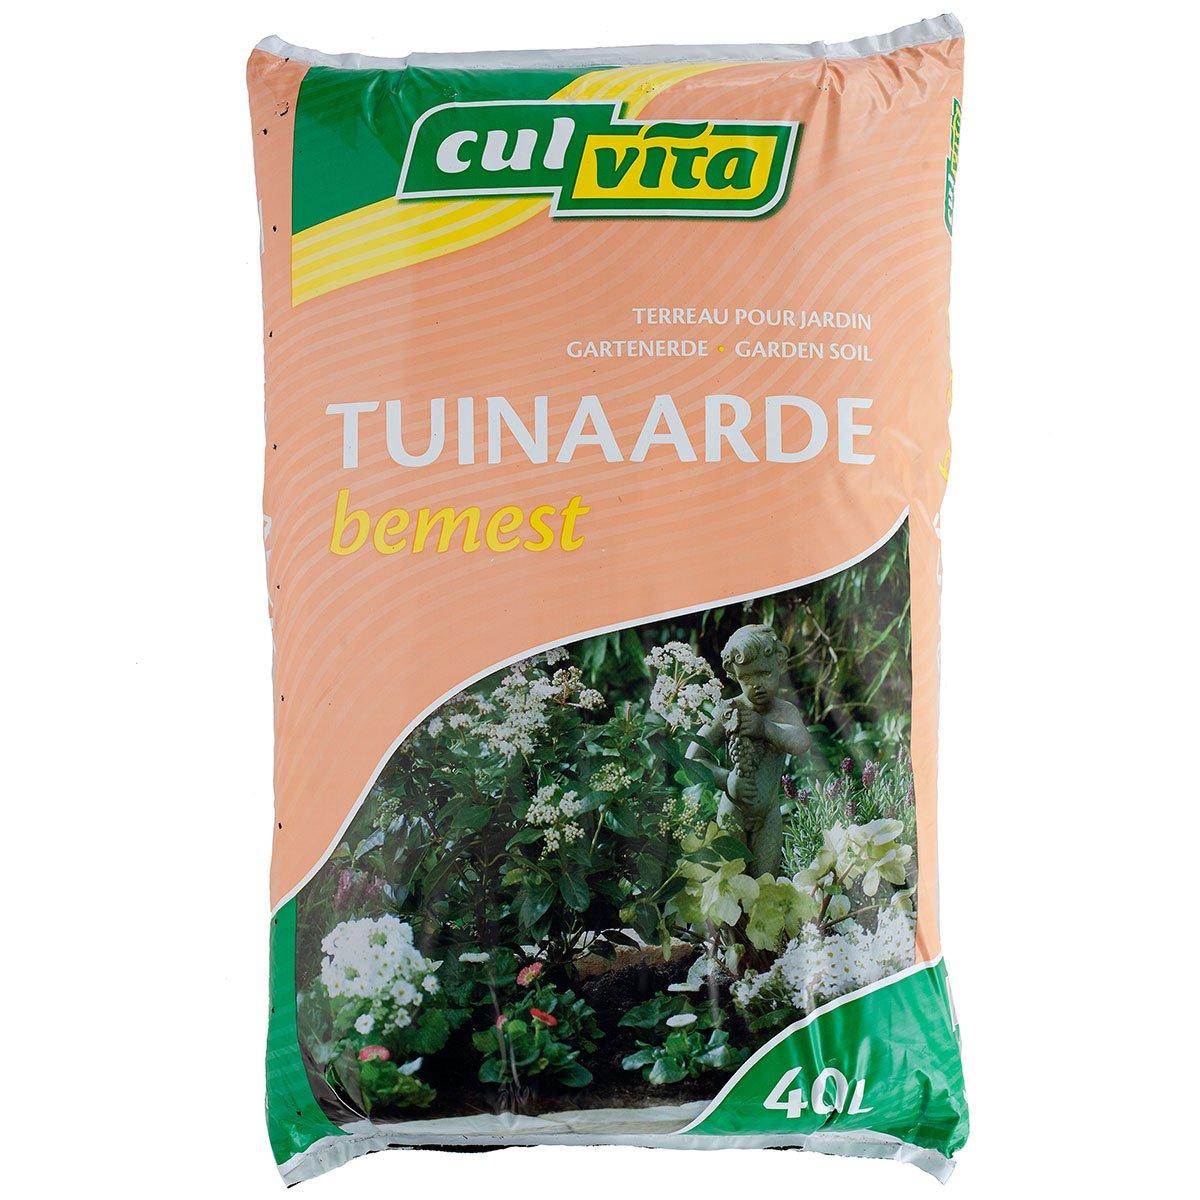 Tuinaarde - Online planten kopen